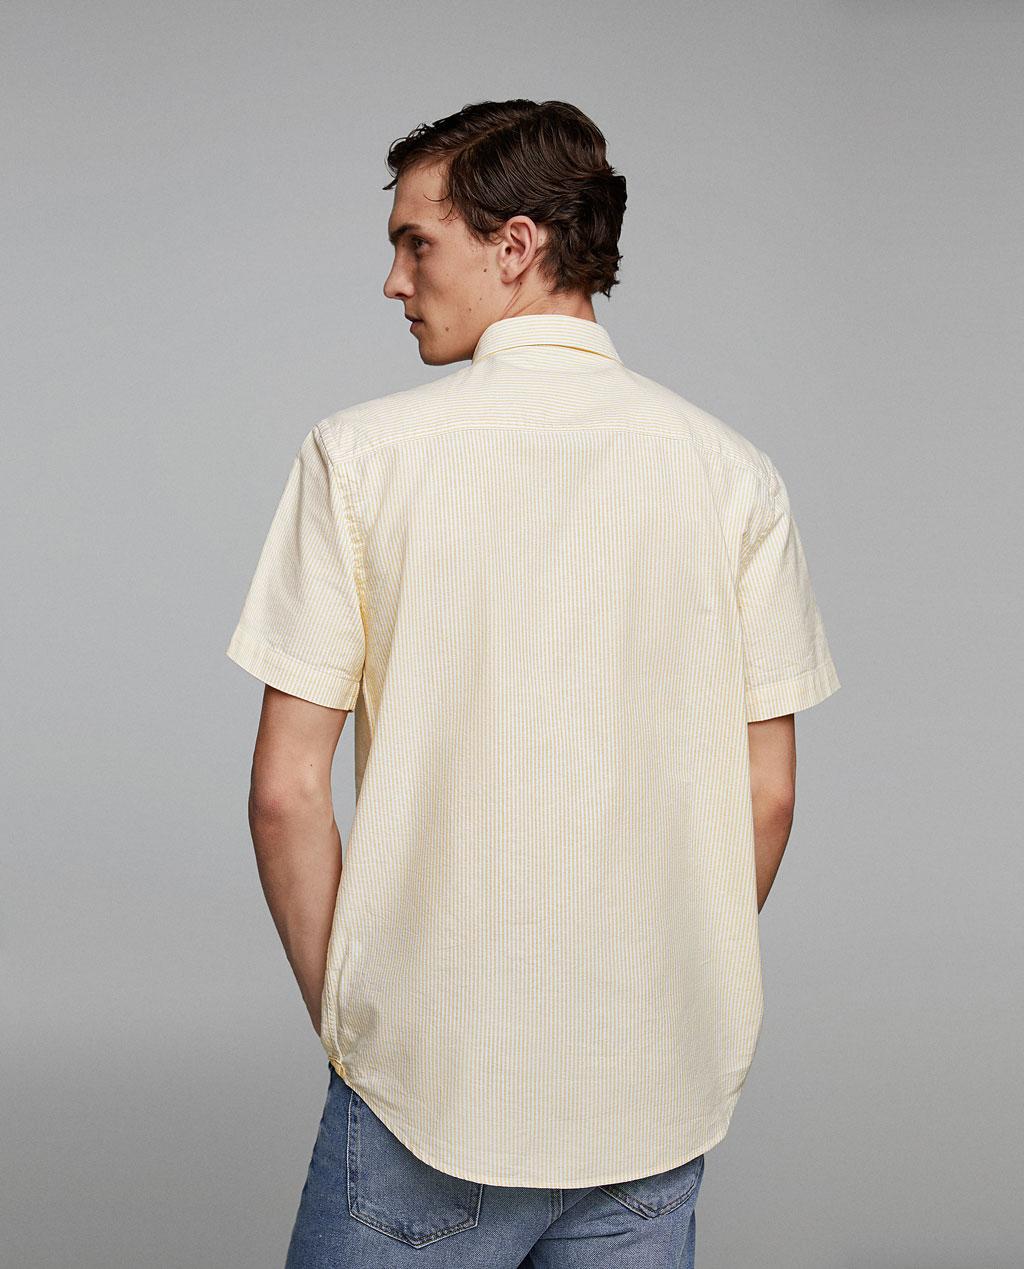 Thời trang nam Zara  24081 - ảnh 5